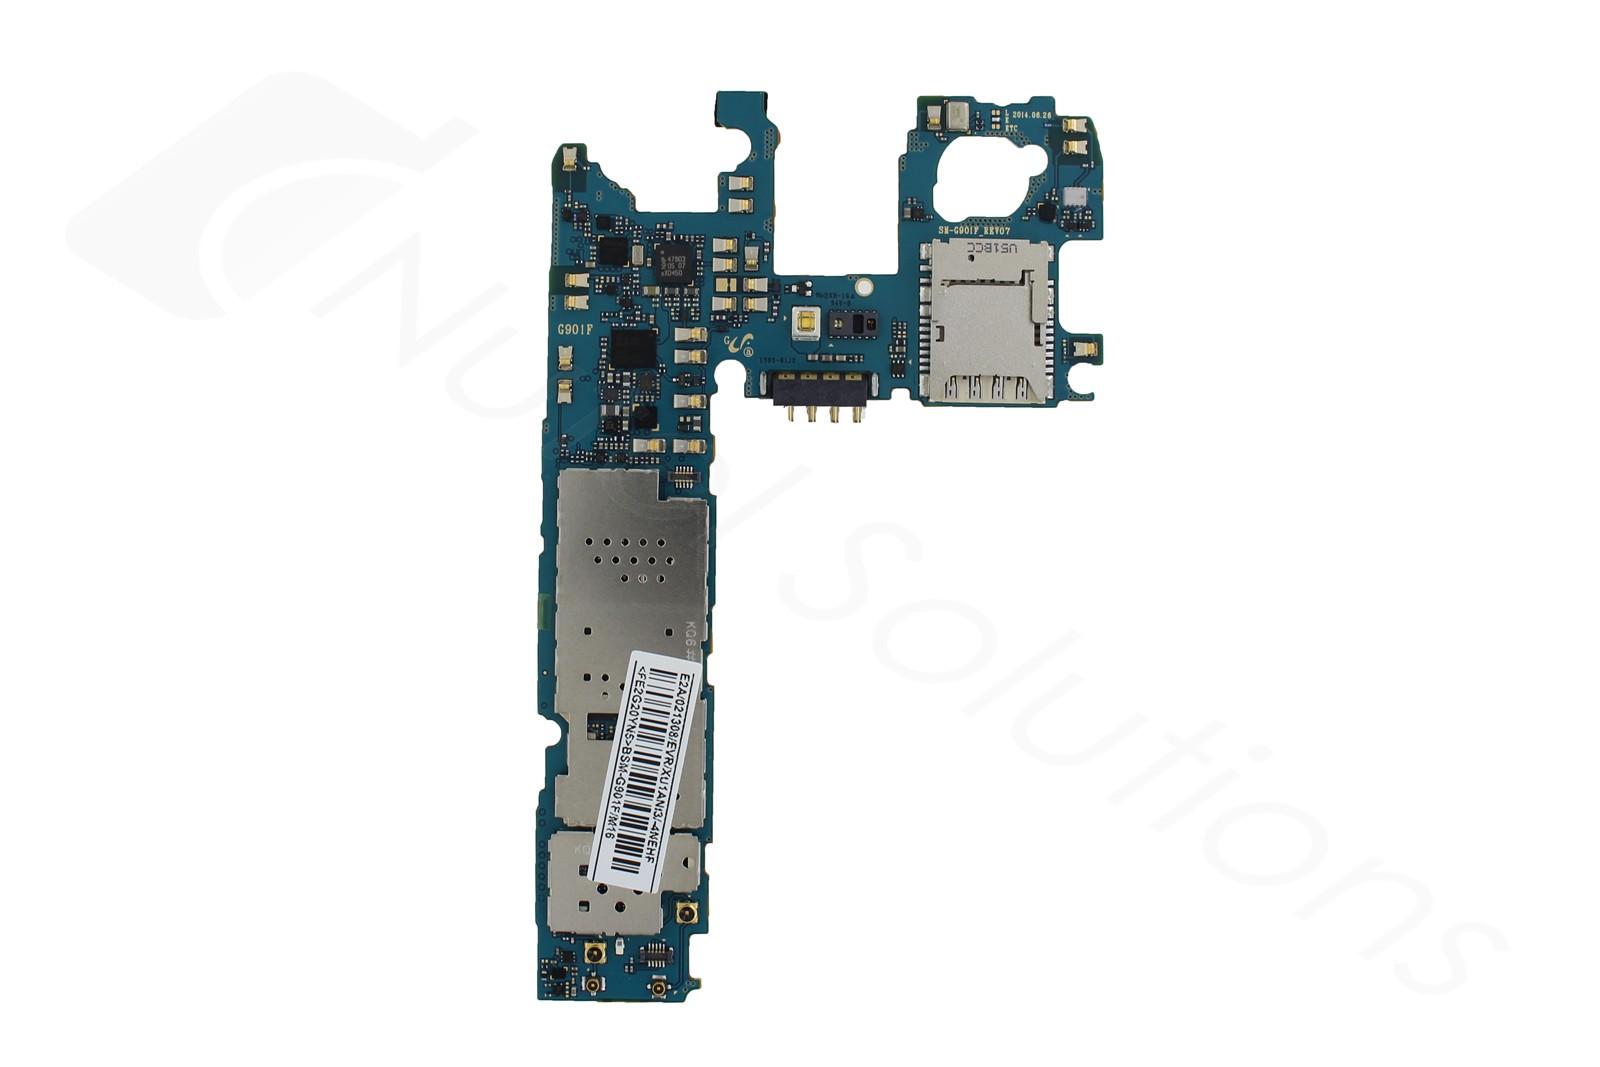 Genuine Samsung Galaxy S5 Plus LTE-A G901F Motherboard - GH82-08814A